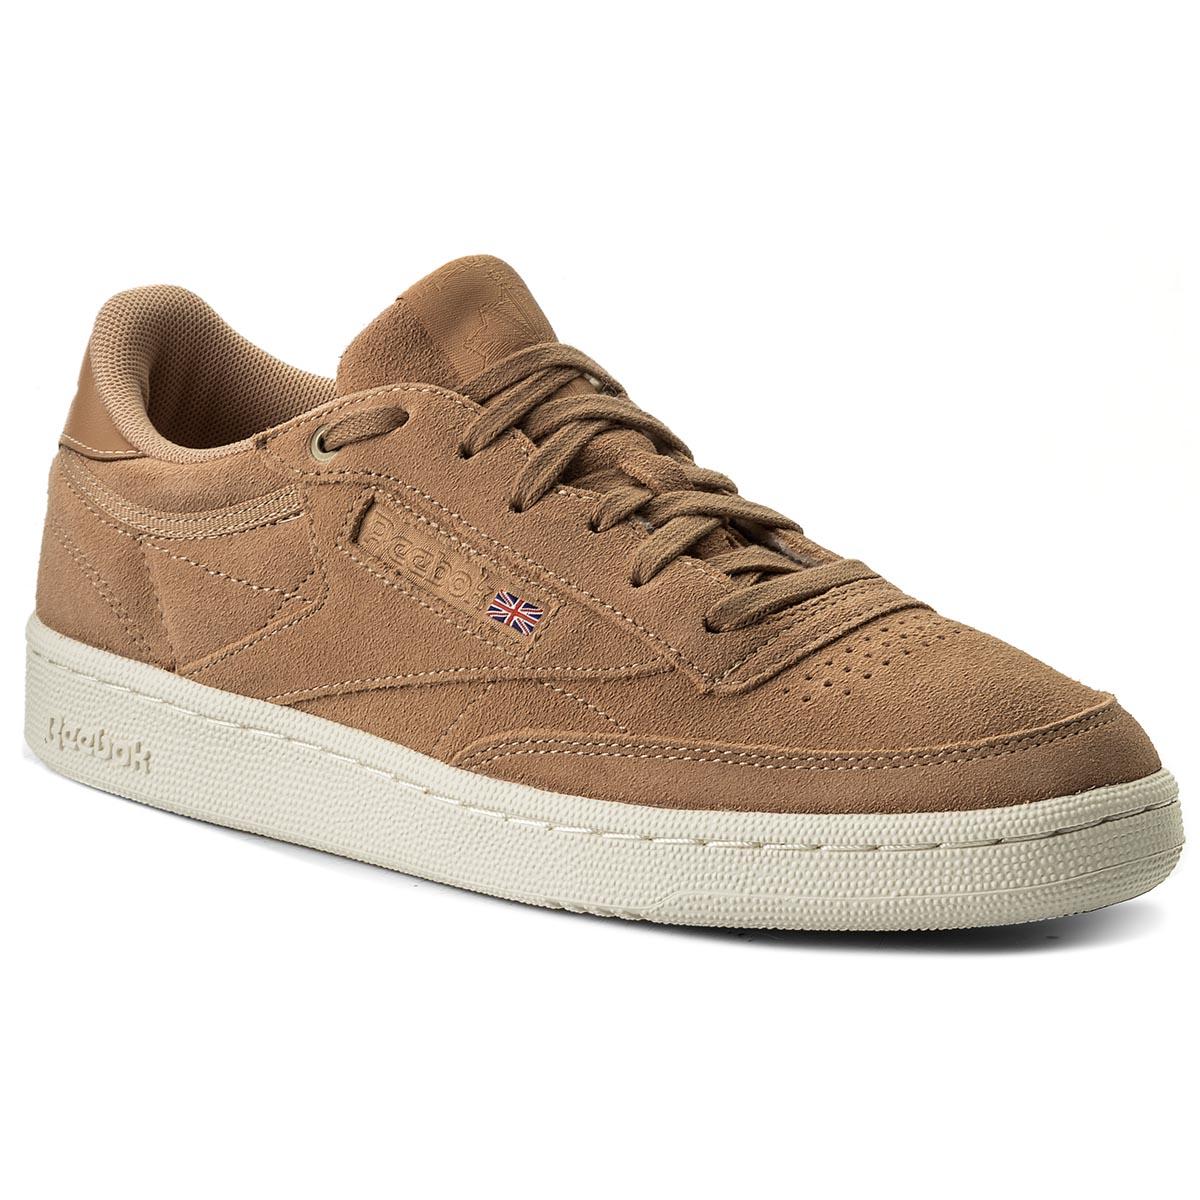 428e339ff32 Shoes Reebok - Club C 85 Zip M CN0140 Black Chalk - Sneakers - Low ...